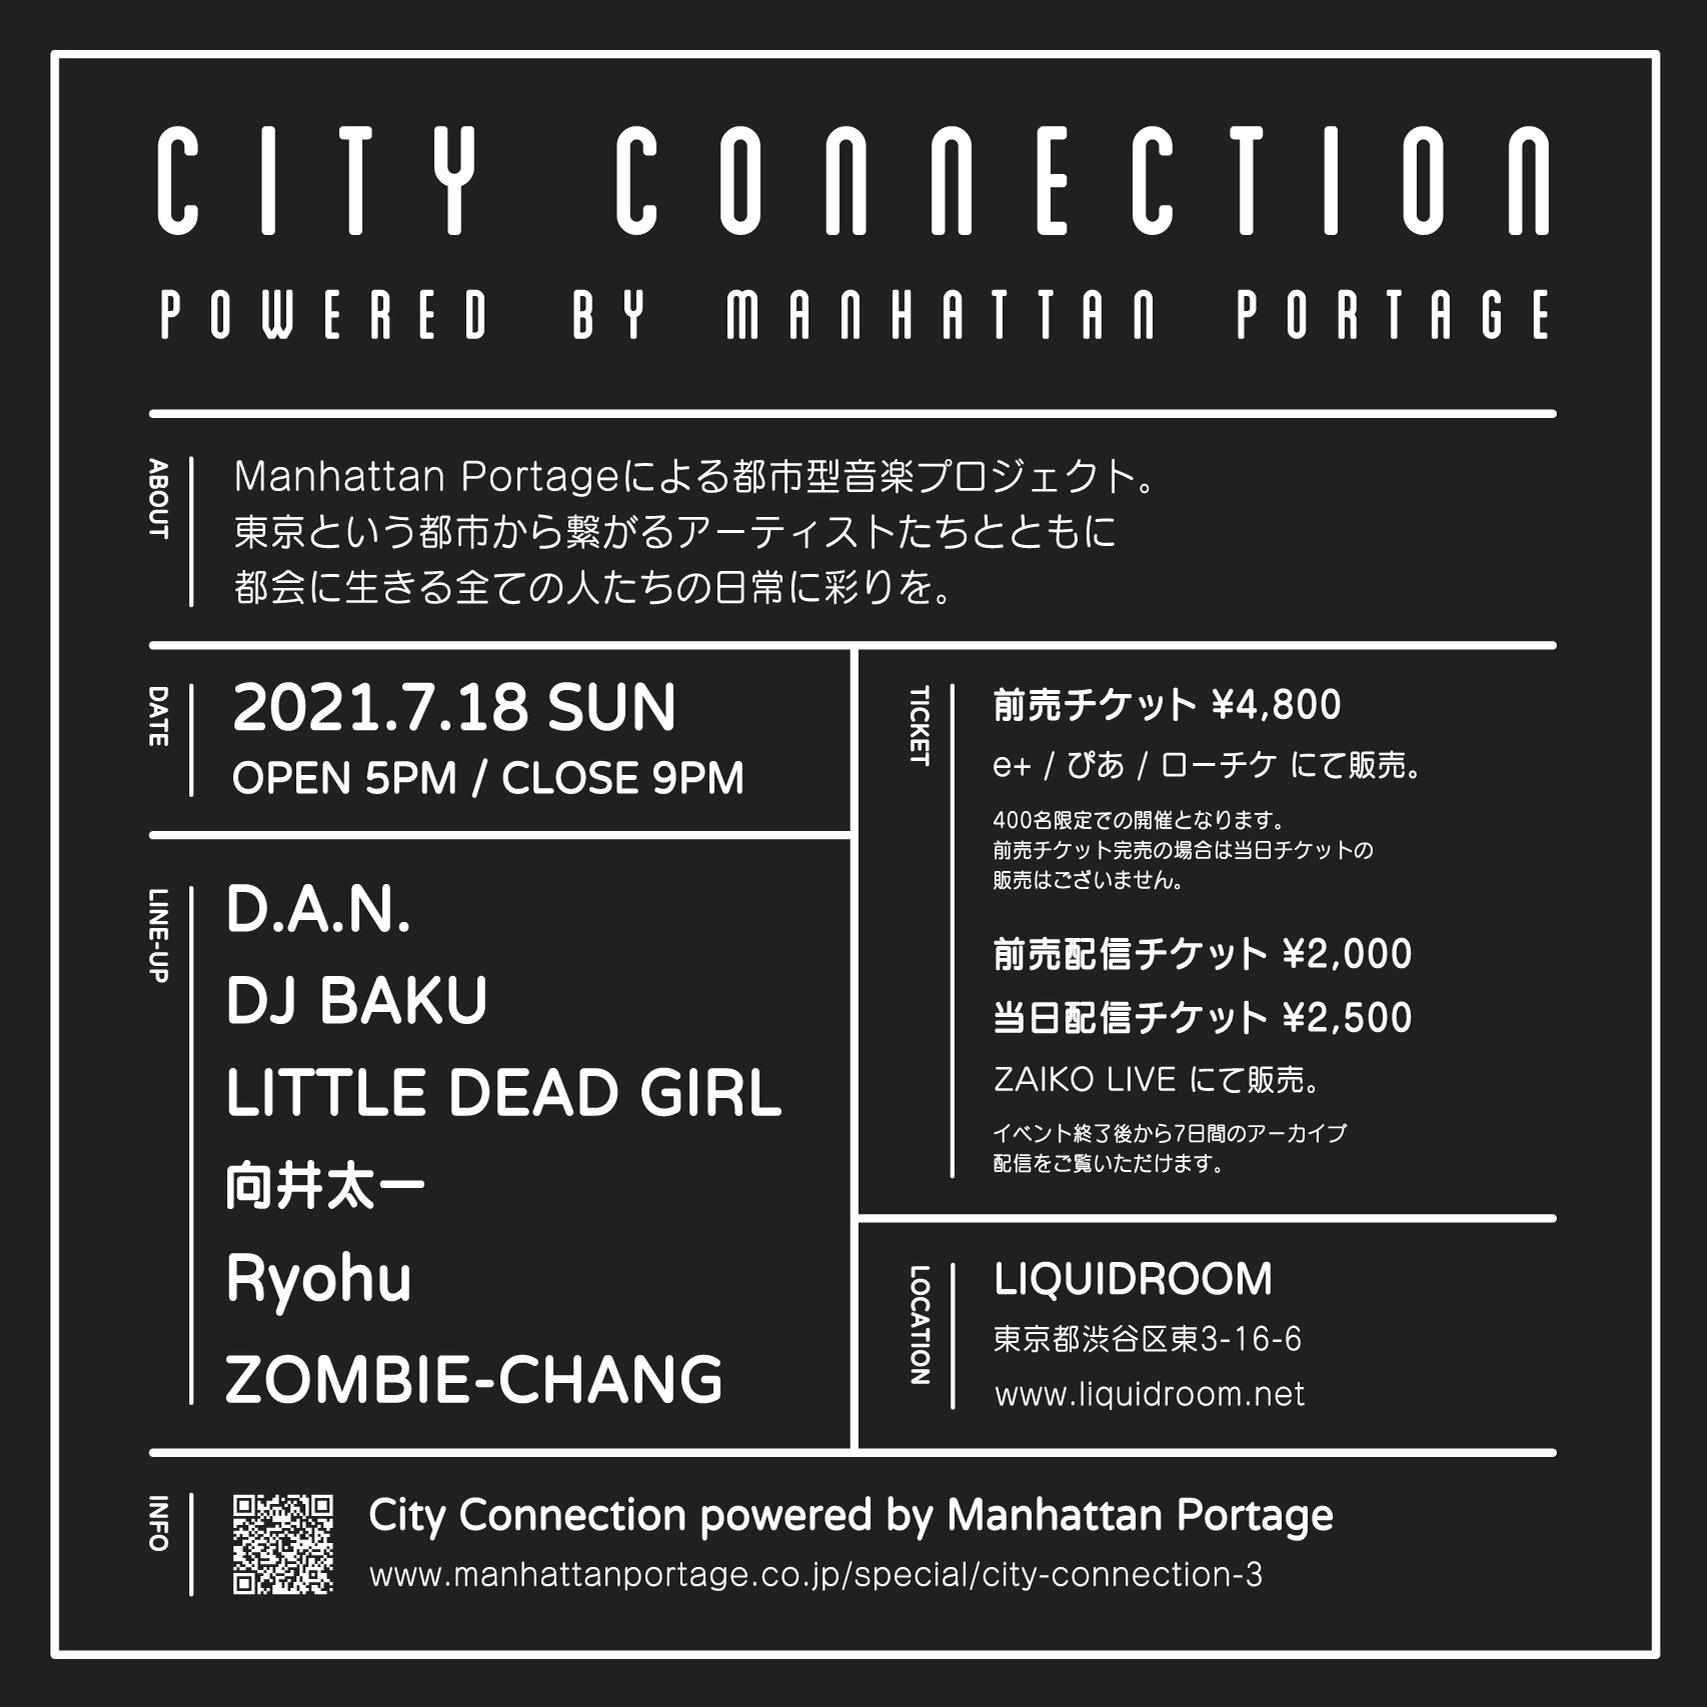 02_CC_flyer_back